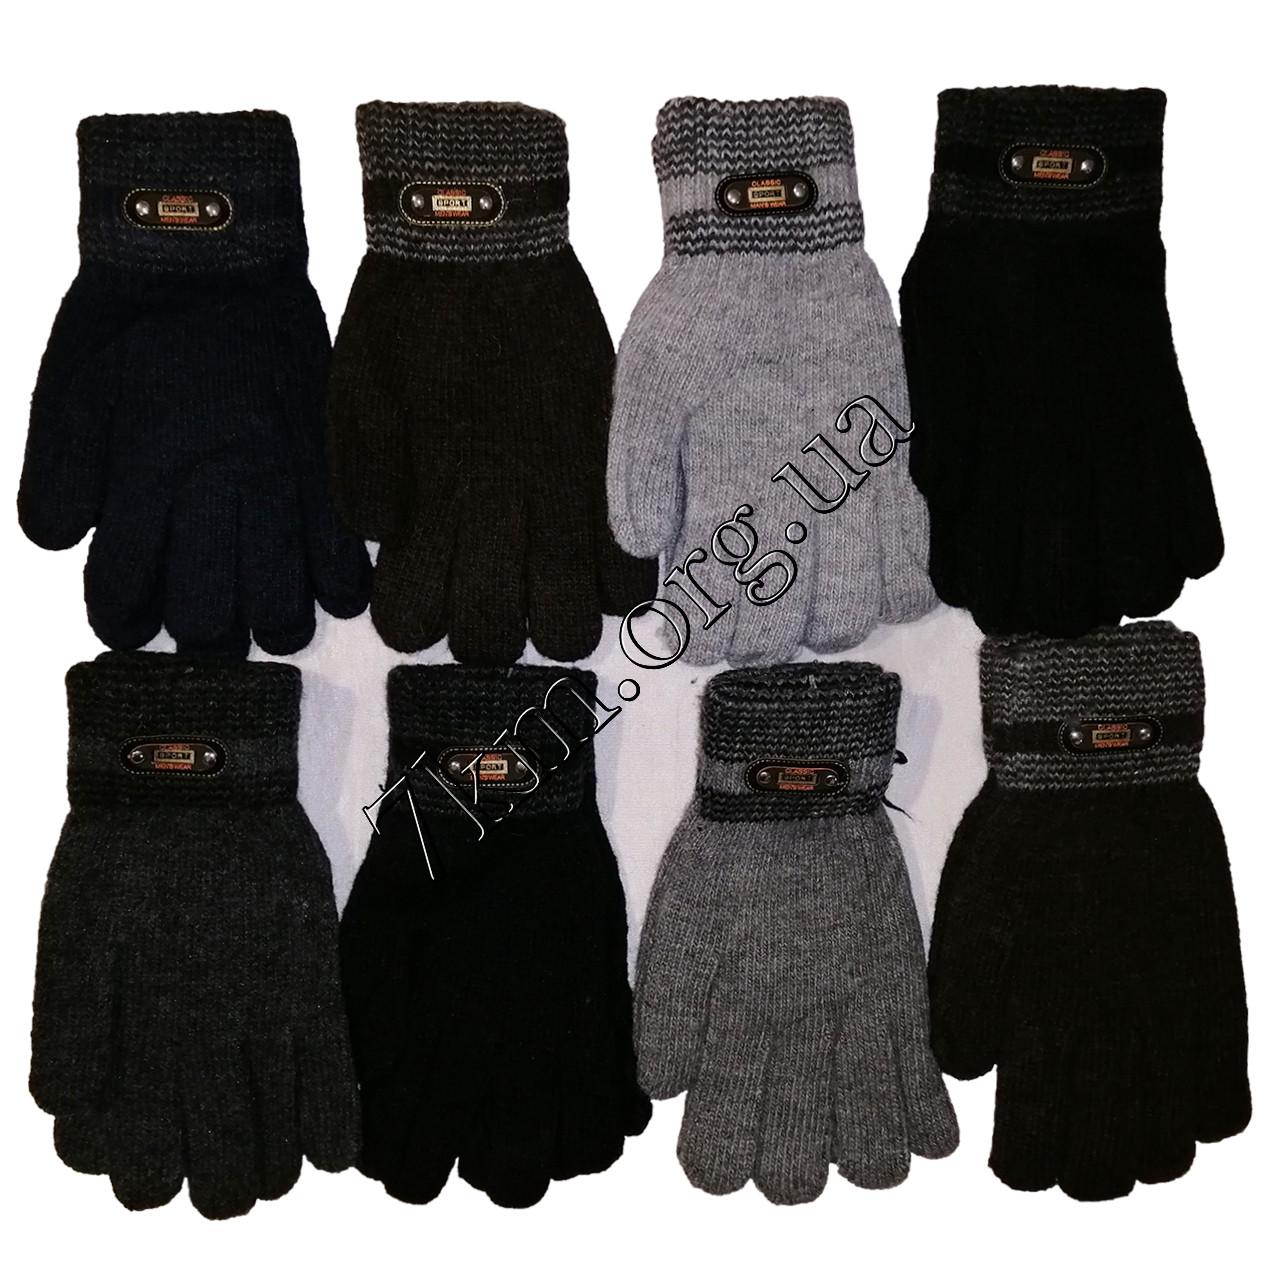 Перчатки подростковые одинарные +начес для мальчиков от 13 лет Оптом 5682 XL